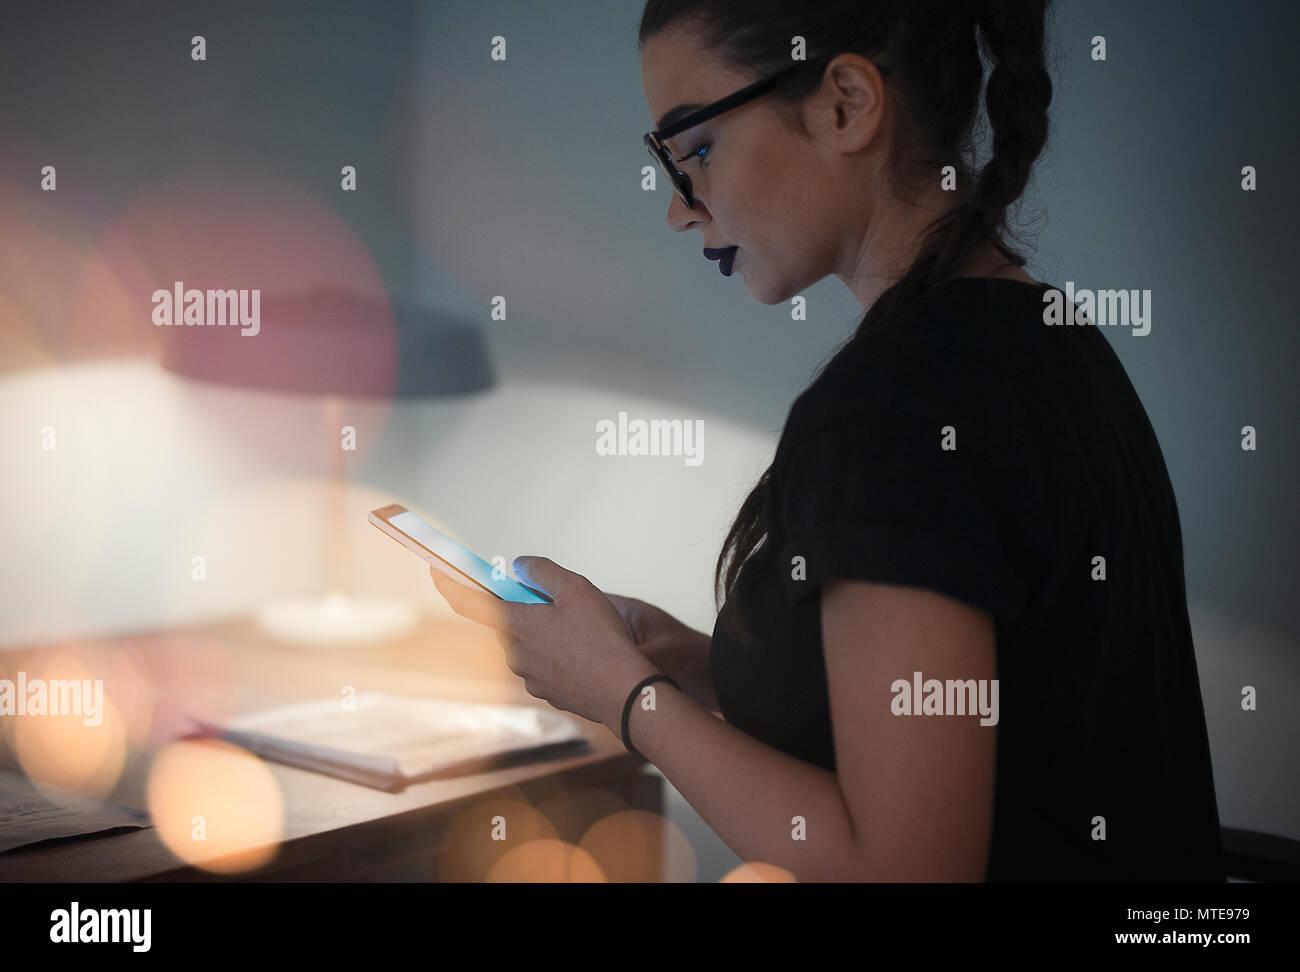 Junge brünette Mädchen mit Brille, Handy Stockbild